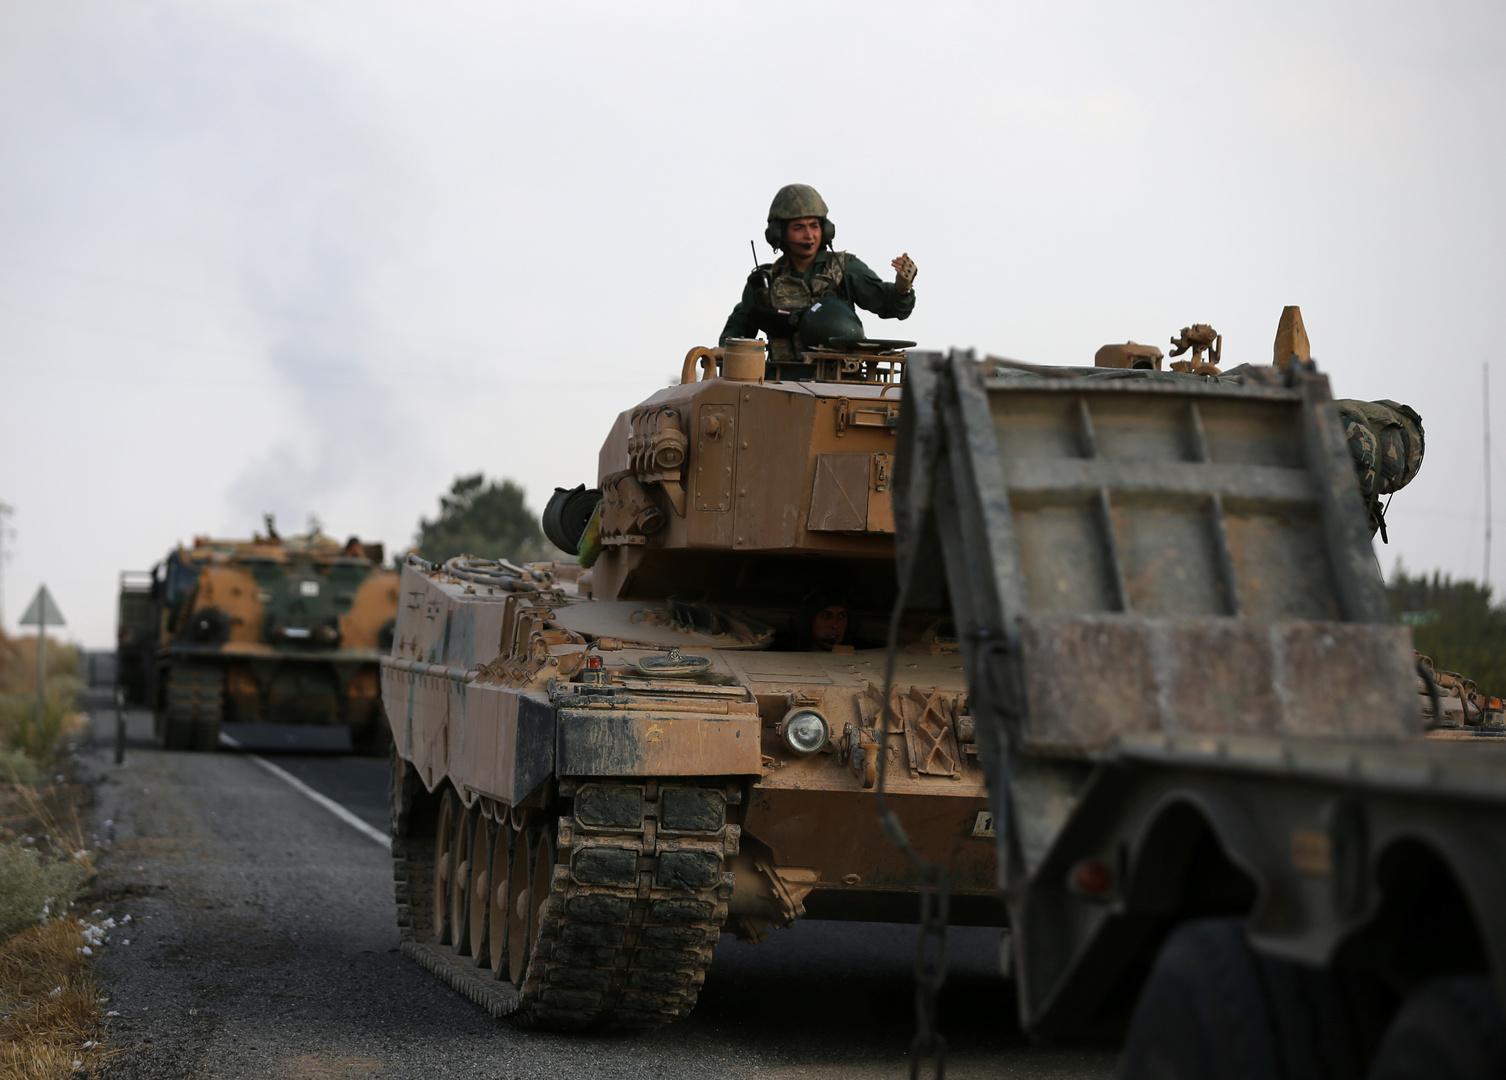 القوات التركية تعثر على عبوة ناسفة تزن 78 كغ شمالي سوريا